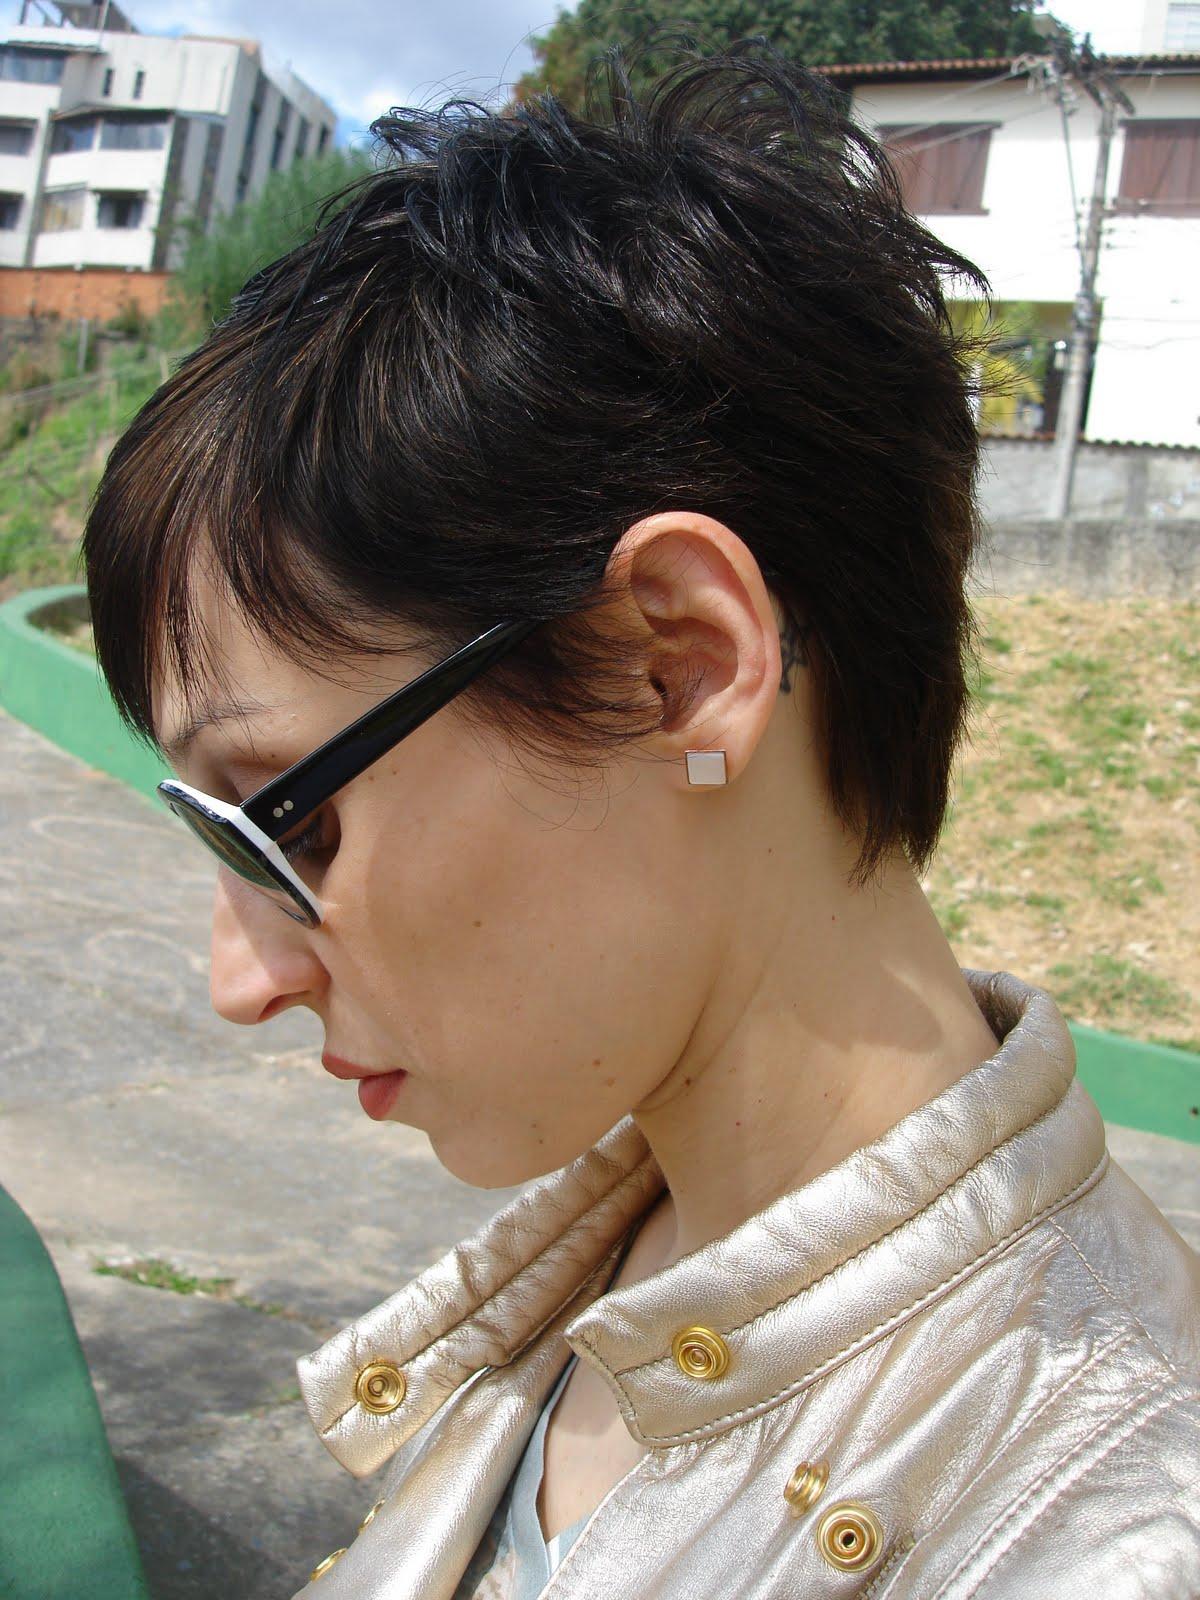 """Foto: Reprodução / <a href=""""http://www.crisguerra.com.br/hoje-vou-assim/2010/07/26/oculos-capolavoro-para-zotika-brinco_26/"""" target=""""_blank"""">Hoje vou assim</a>"""